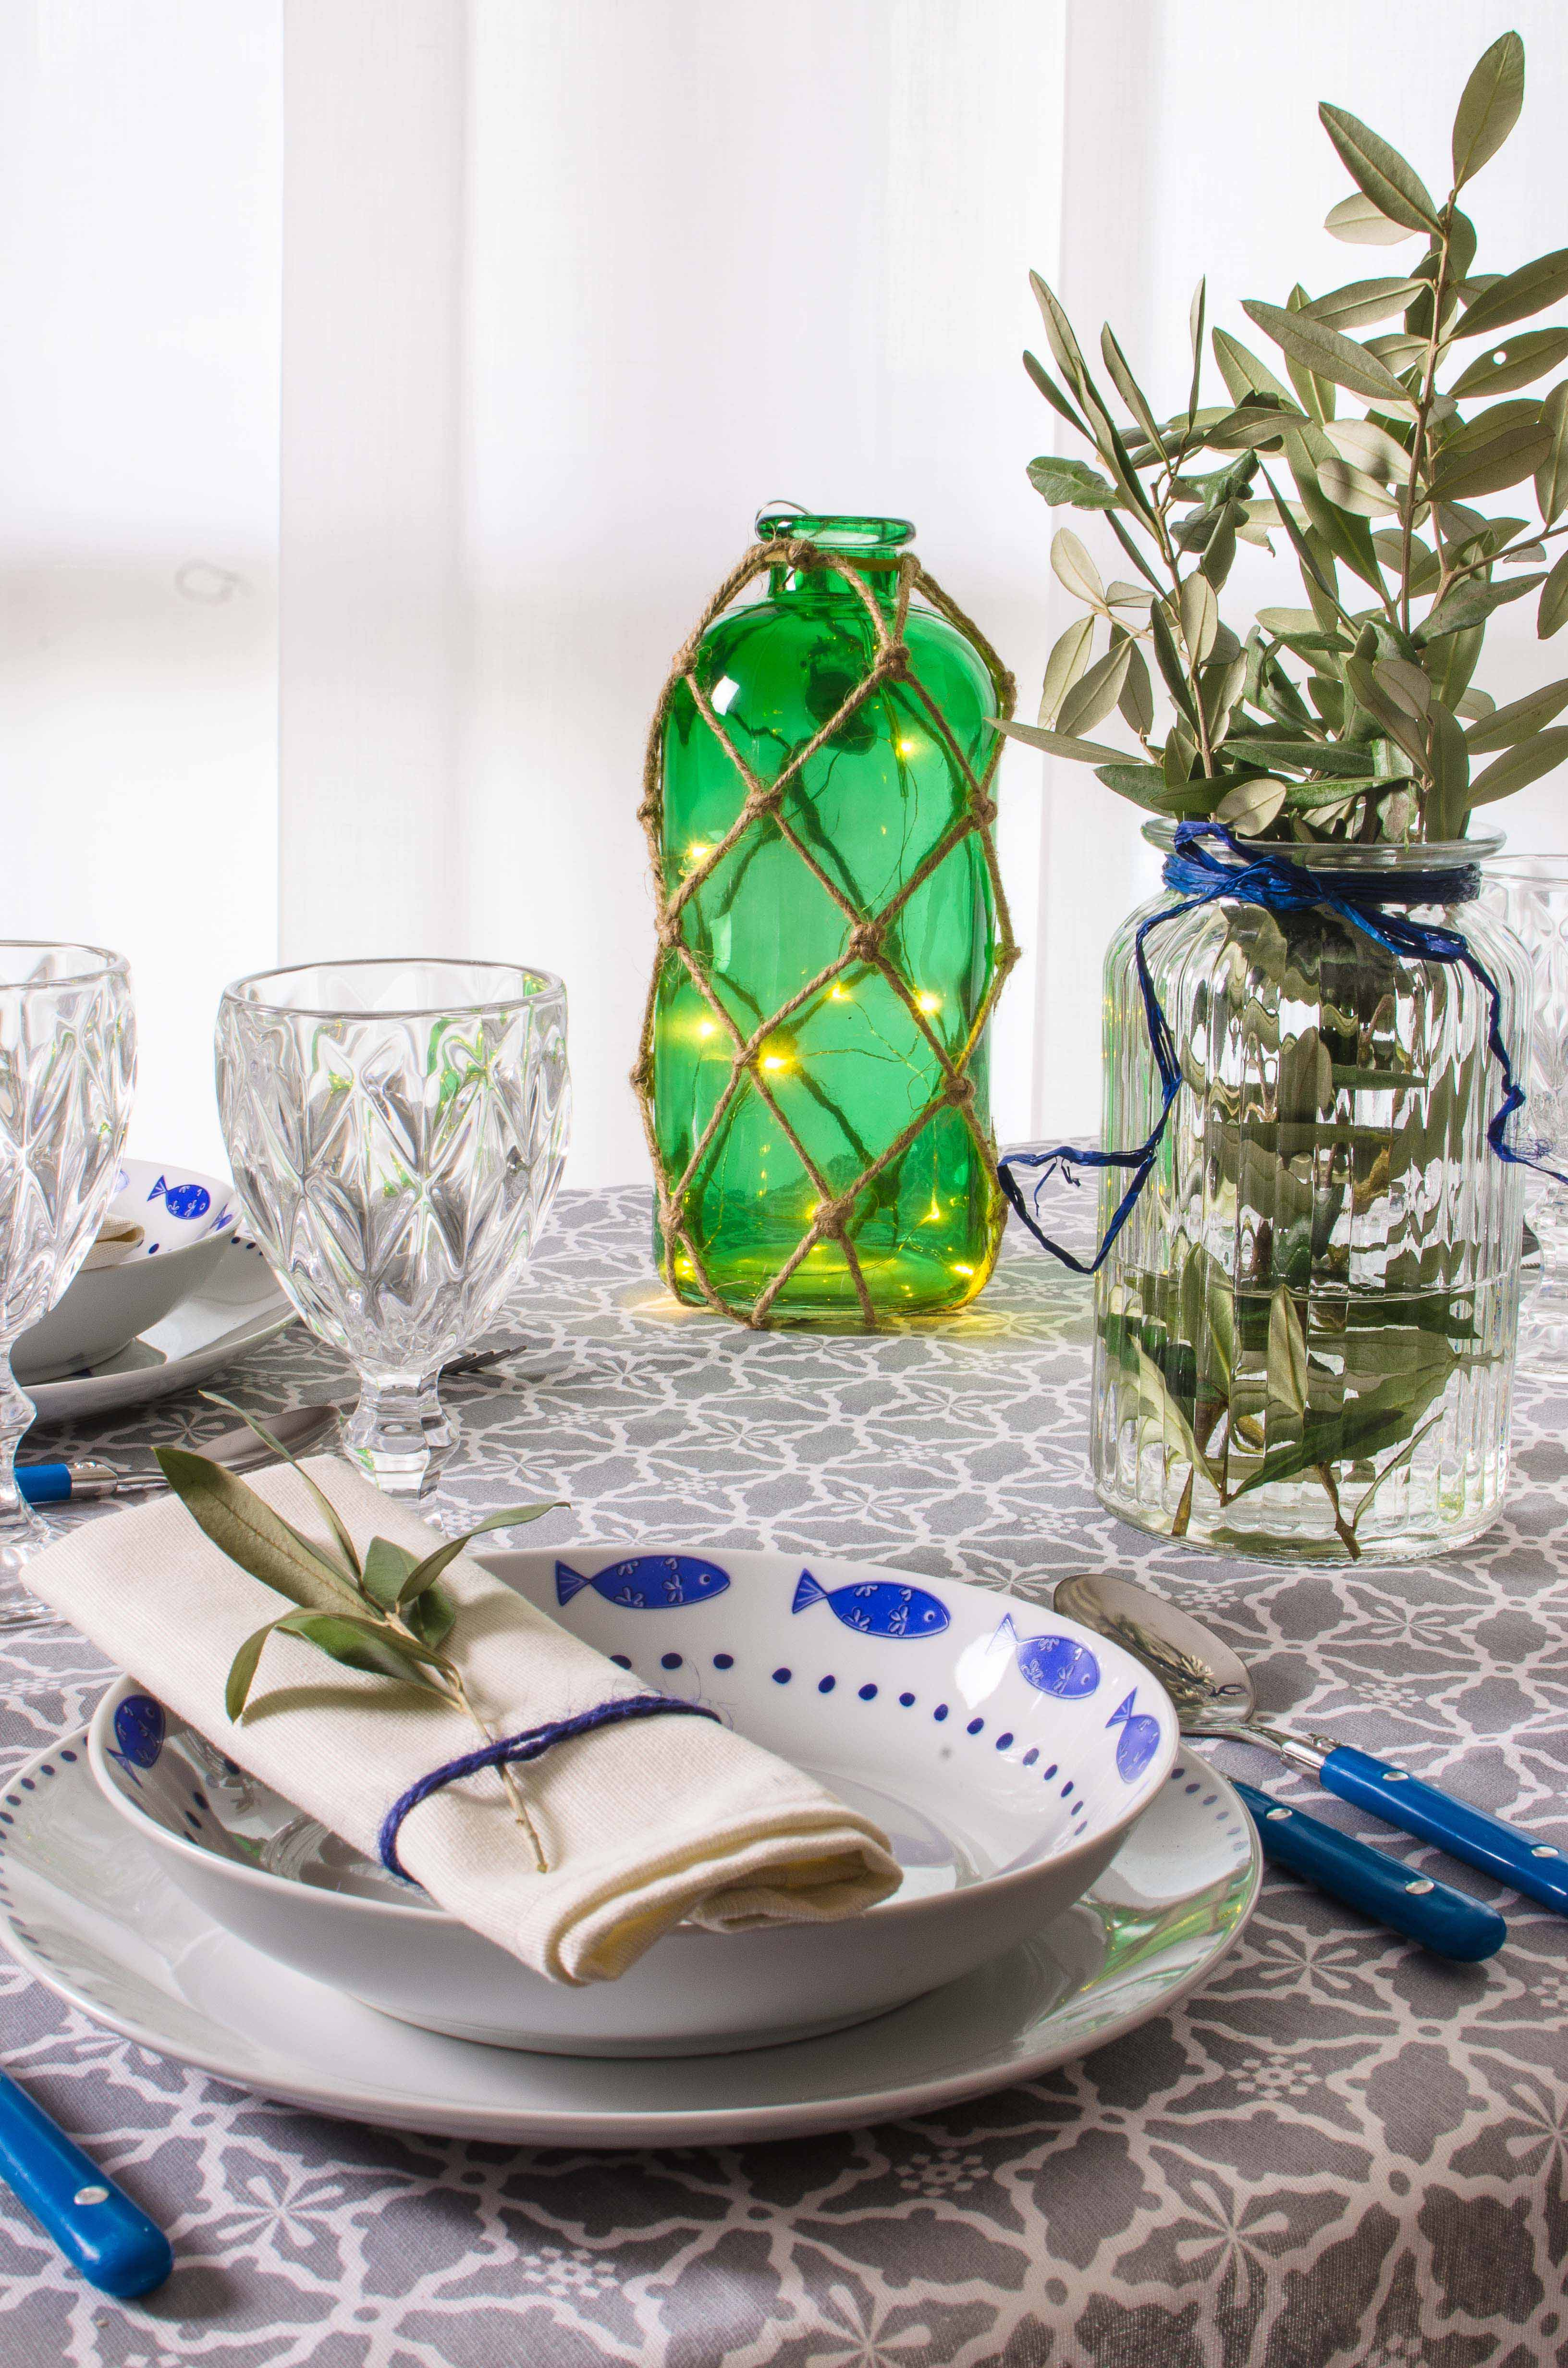 euronova-vaso-verde La mia tavola blu mediterraneo